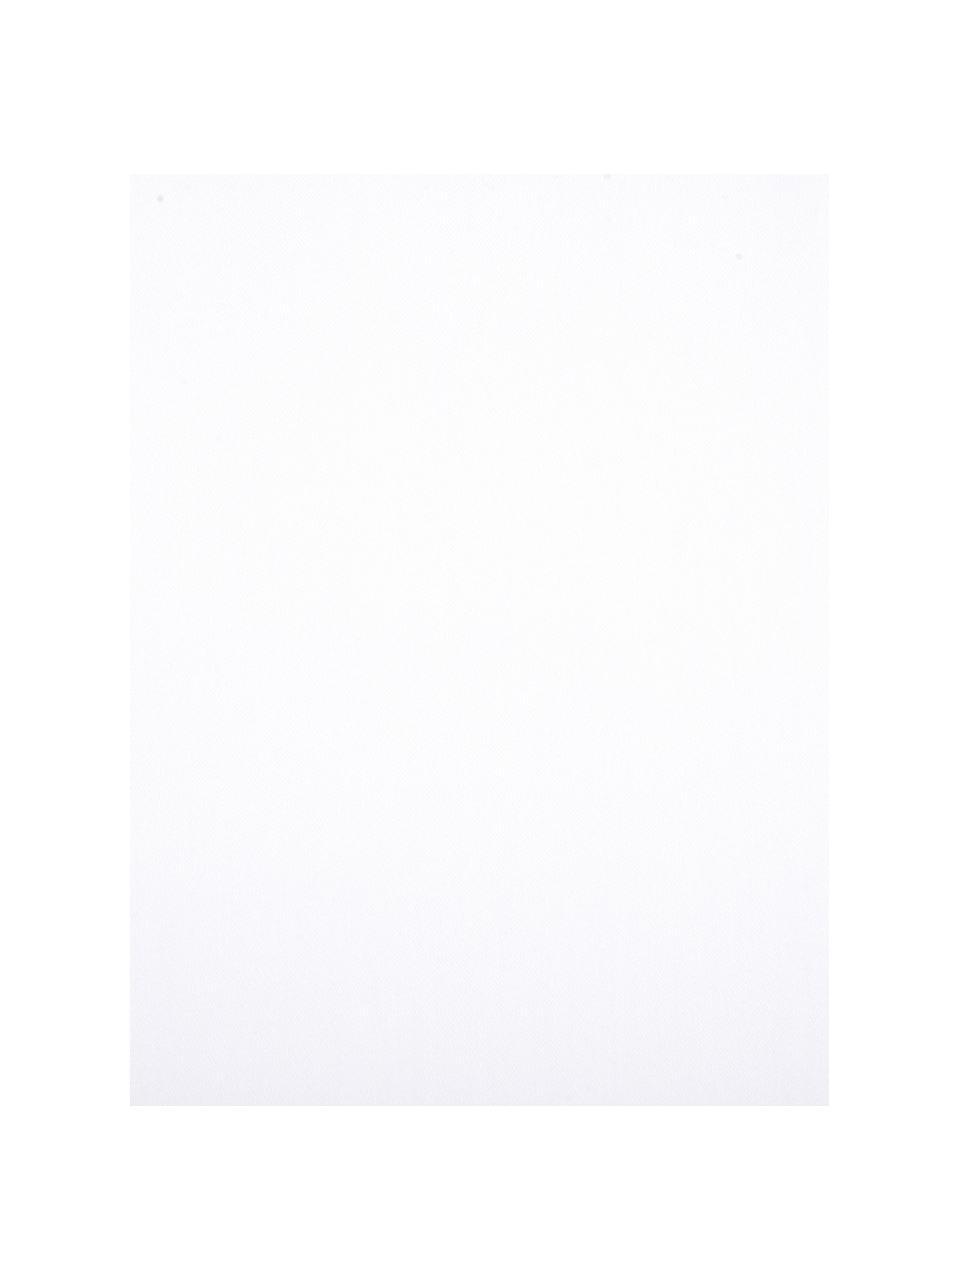 Set lenzuola in raso di cotone bianco Comfort, Tessuto: raso Densità del filo 250, Bianco, 240 x 300 cm + 2 cuscini 50 x 80 cm